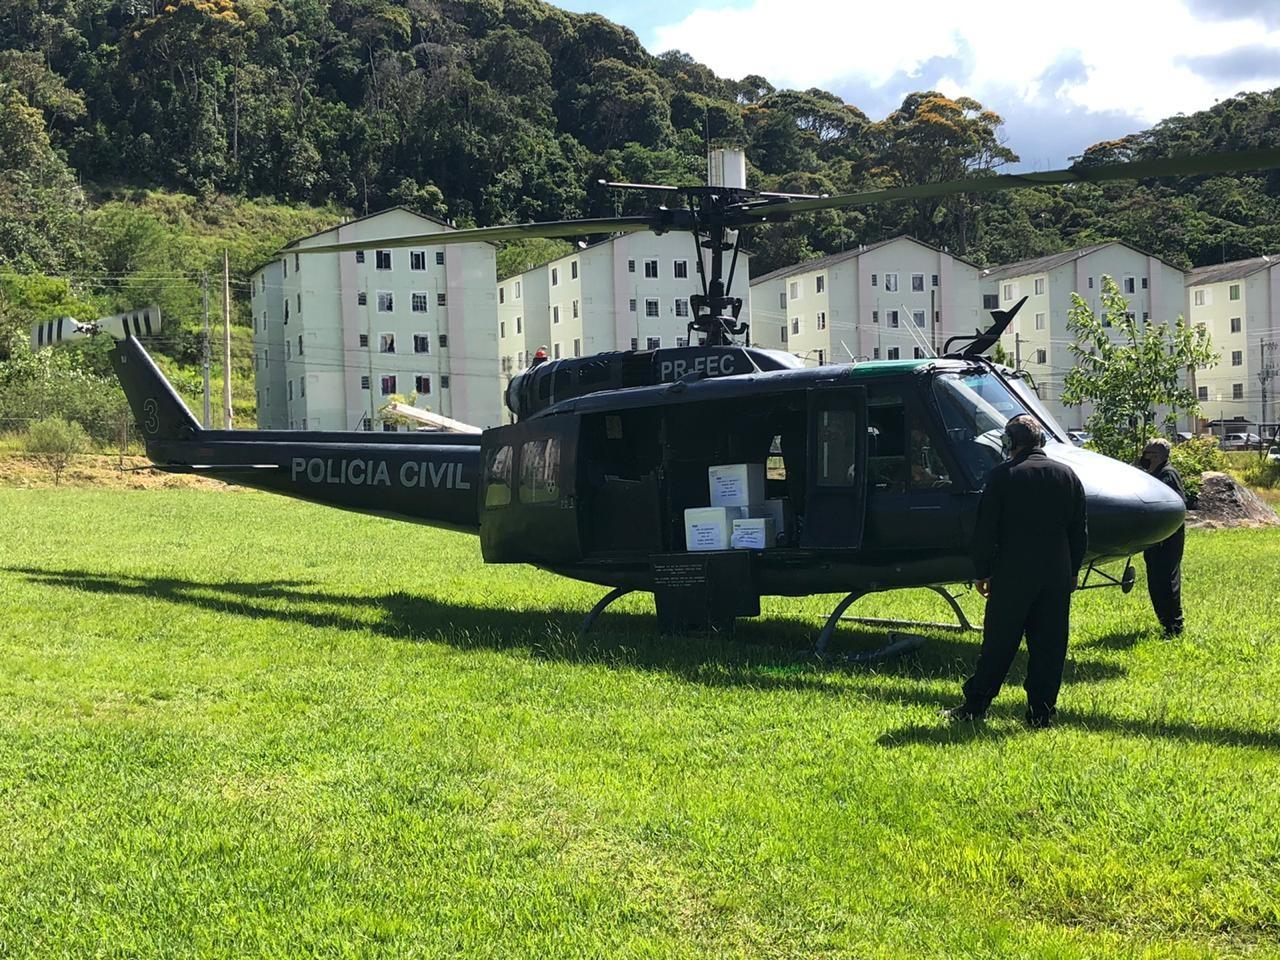 Doses da vacina de Oxford contra a Covid-19 chegam a Teresópolis, no RJ